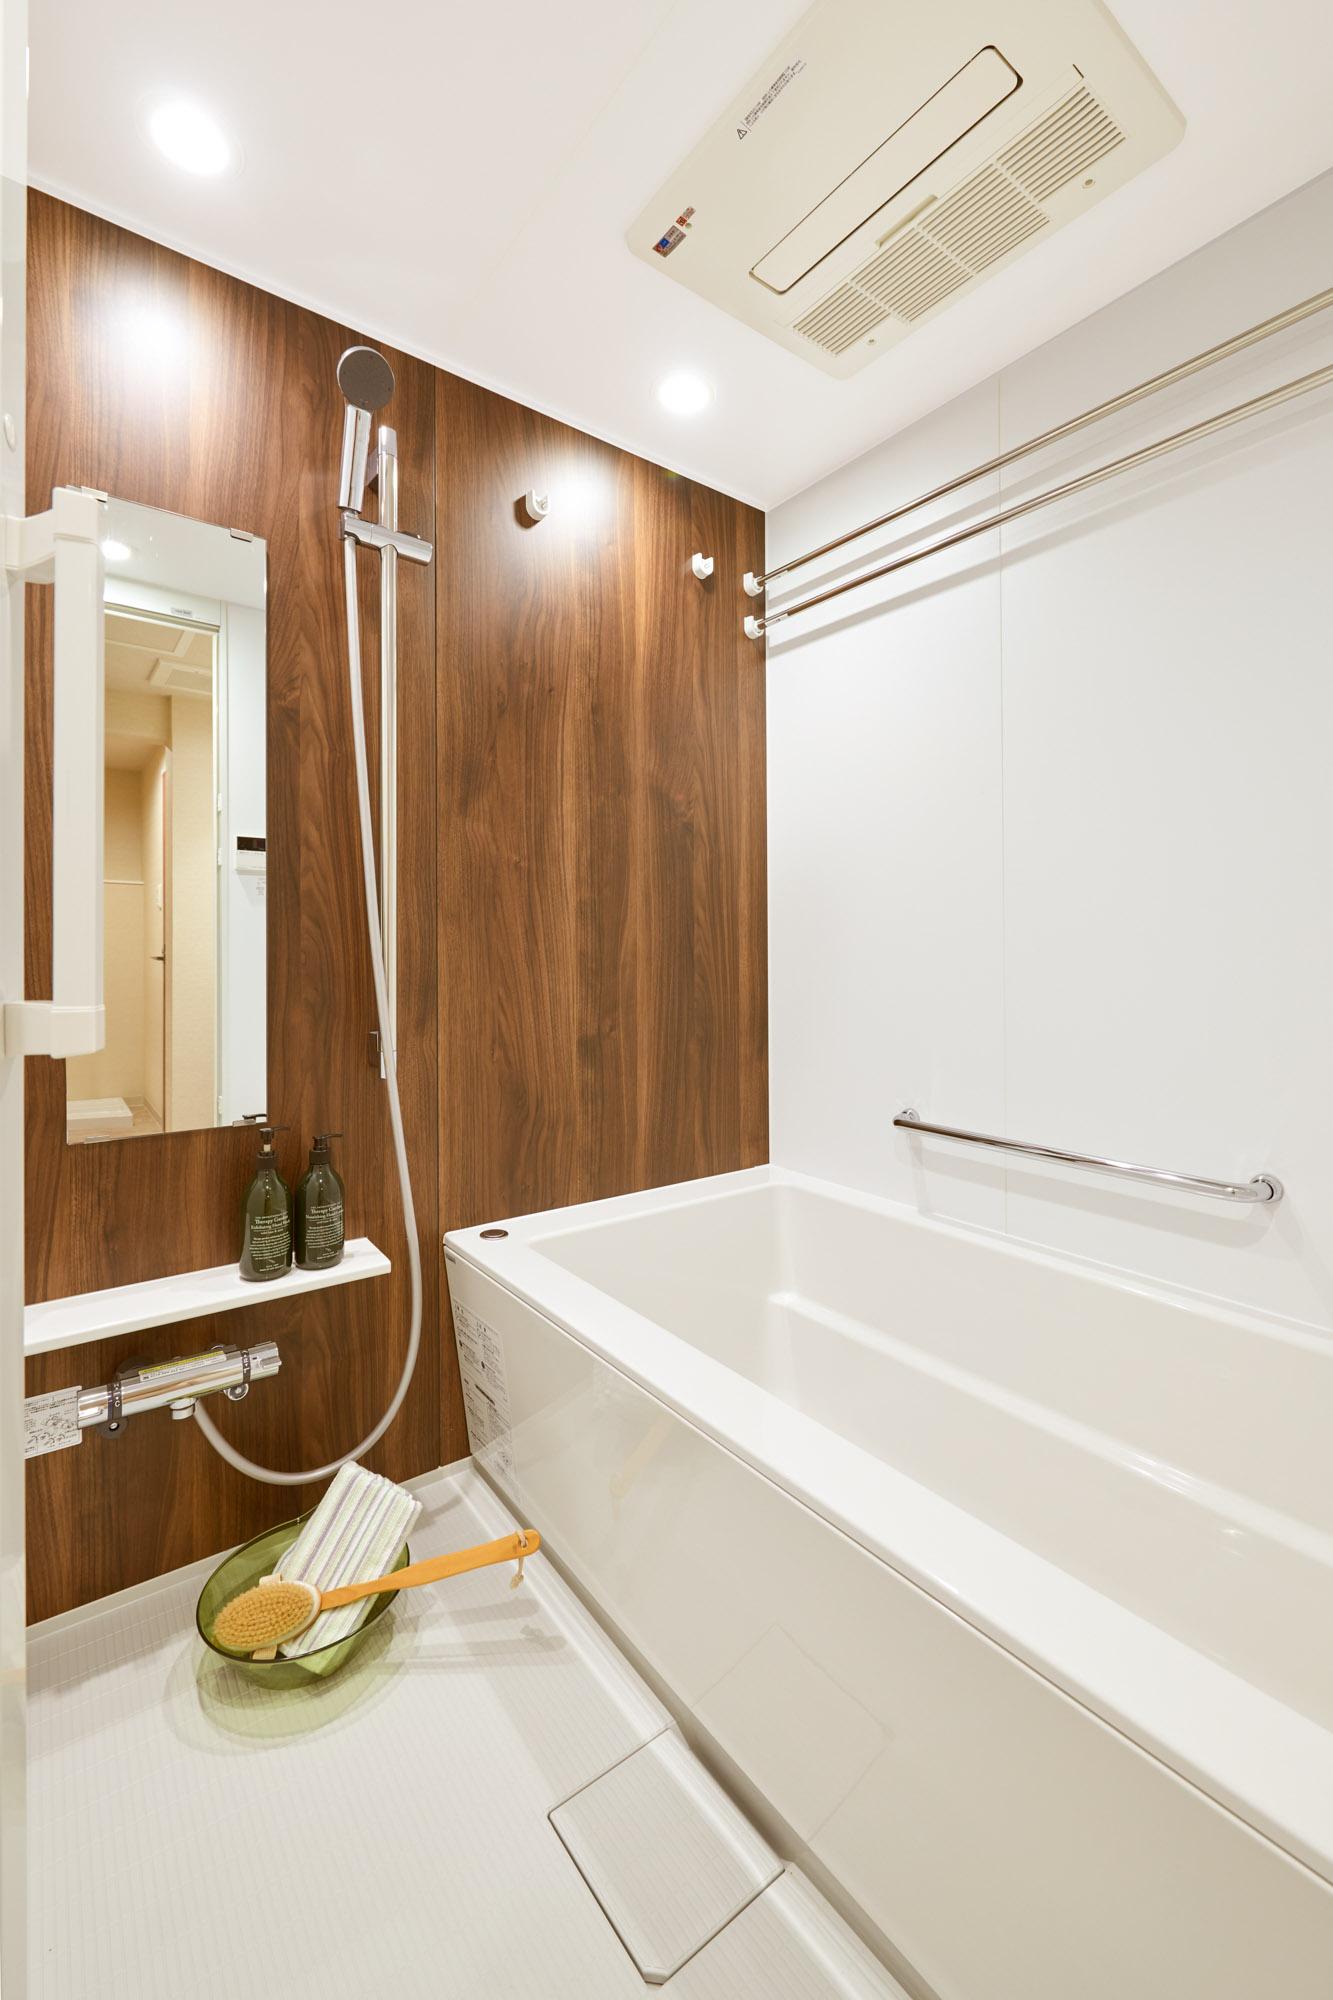 そしてこちらがお風呂!壁の一面には木目調のアクセントパネル、浴槽もおしゃれなものになっていて、洗練されたイメージです。